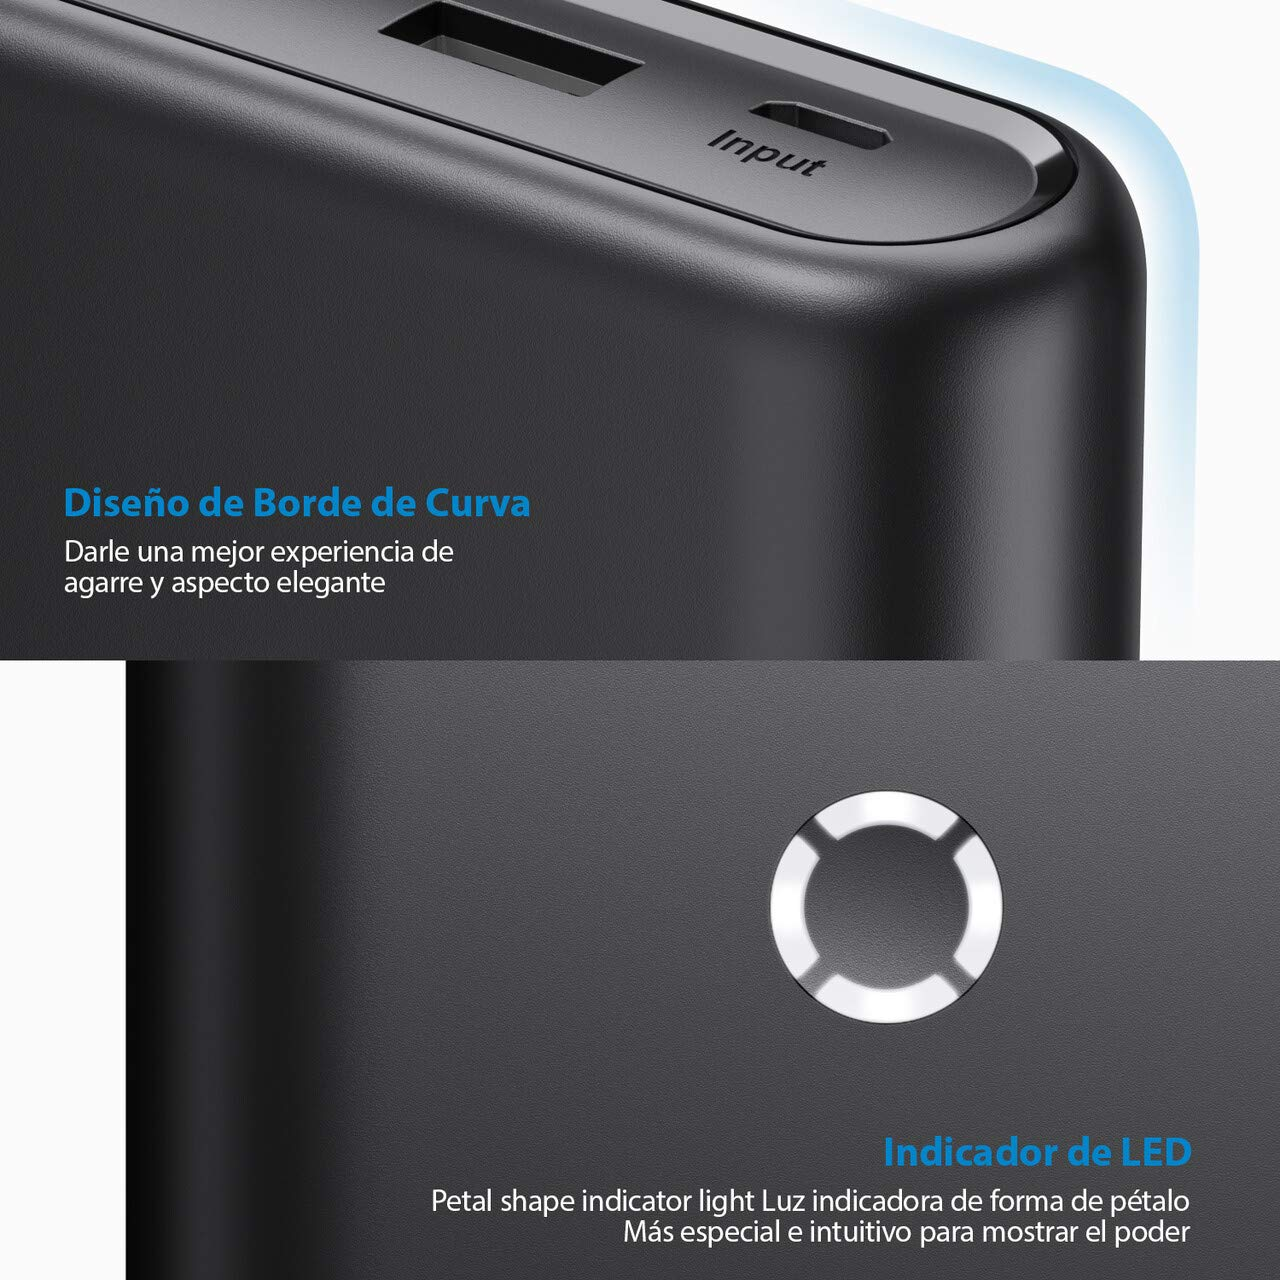 POWERADD Energy Cell Power Bank 20000mAh Cargador Móvil Portátil Batería Externa con 2 Salida USB para iPhone 11, iPad, Samsung, Huawei, Xiaomi Redmi Note 7 y más-Negro